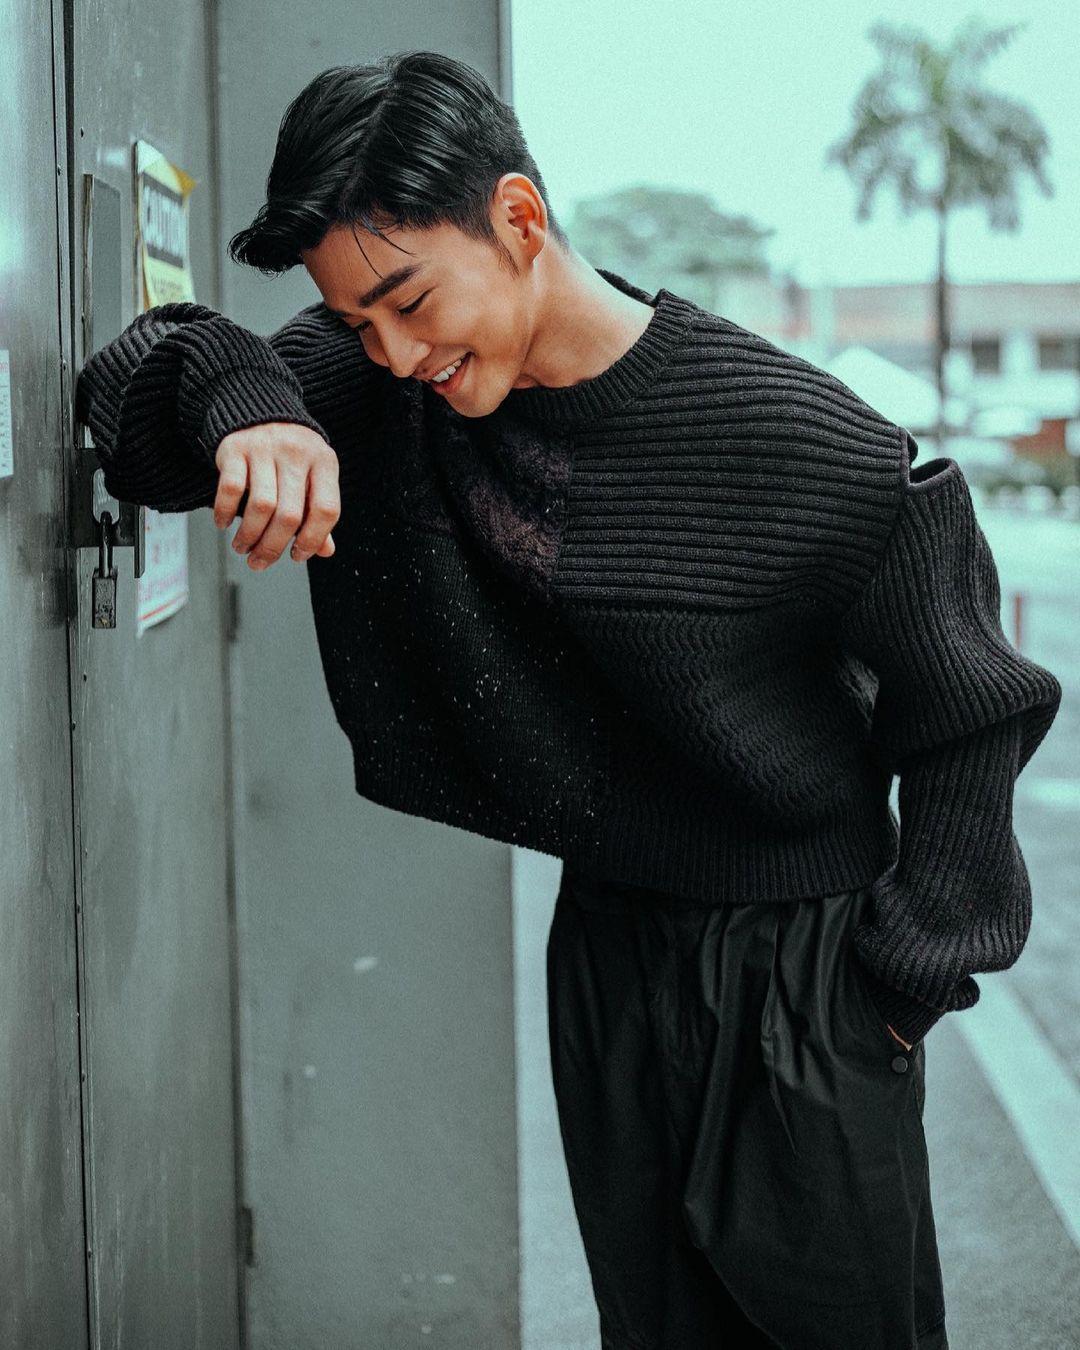 Photo: Alvin Chong